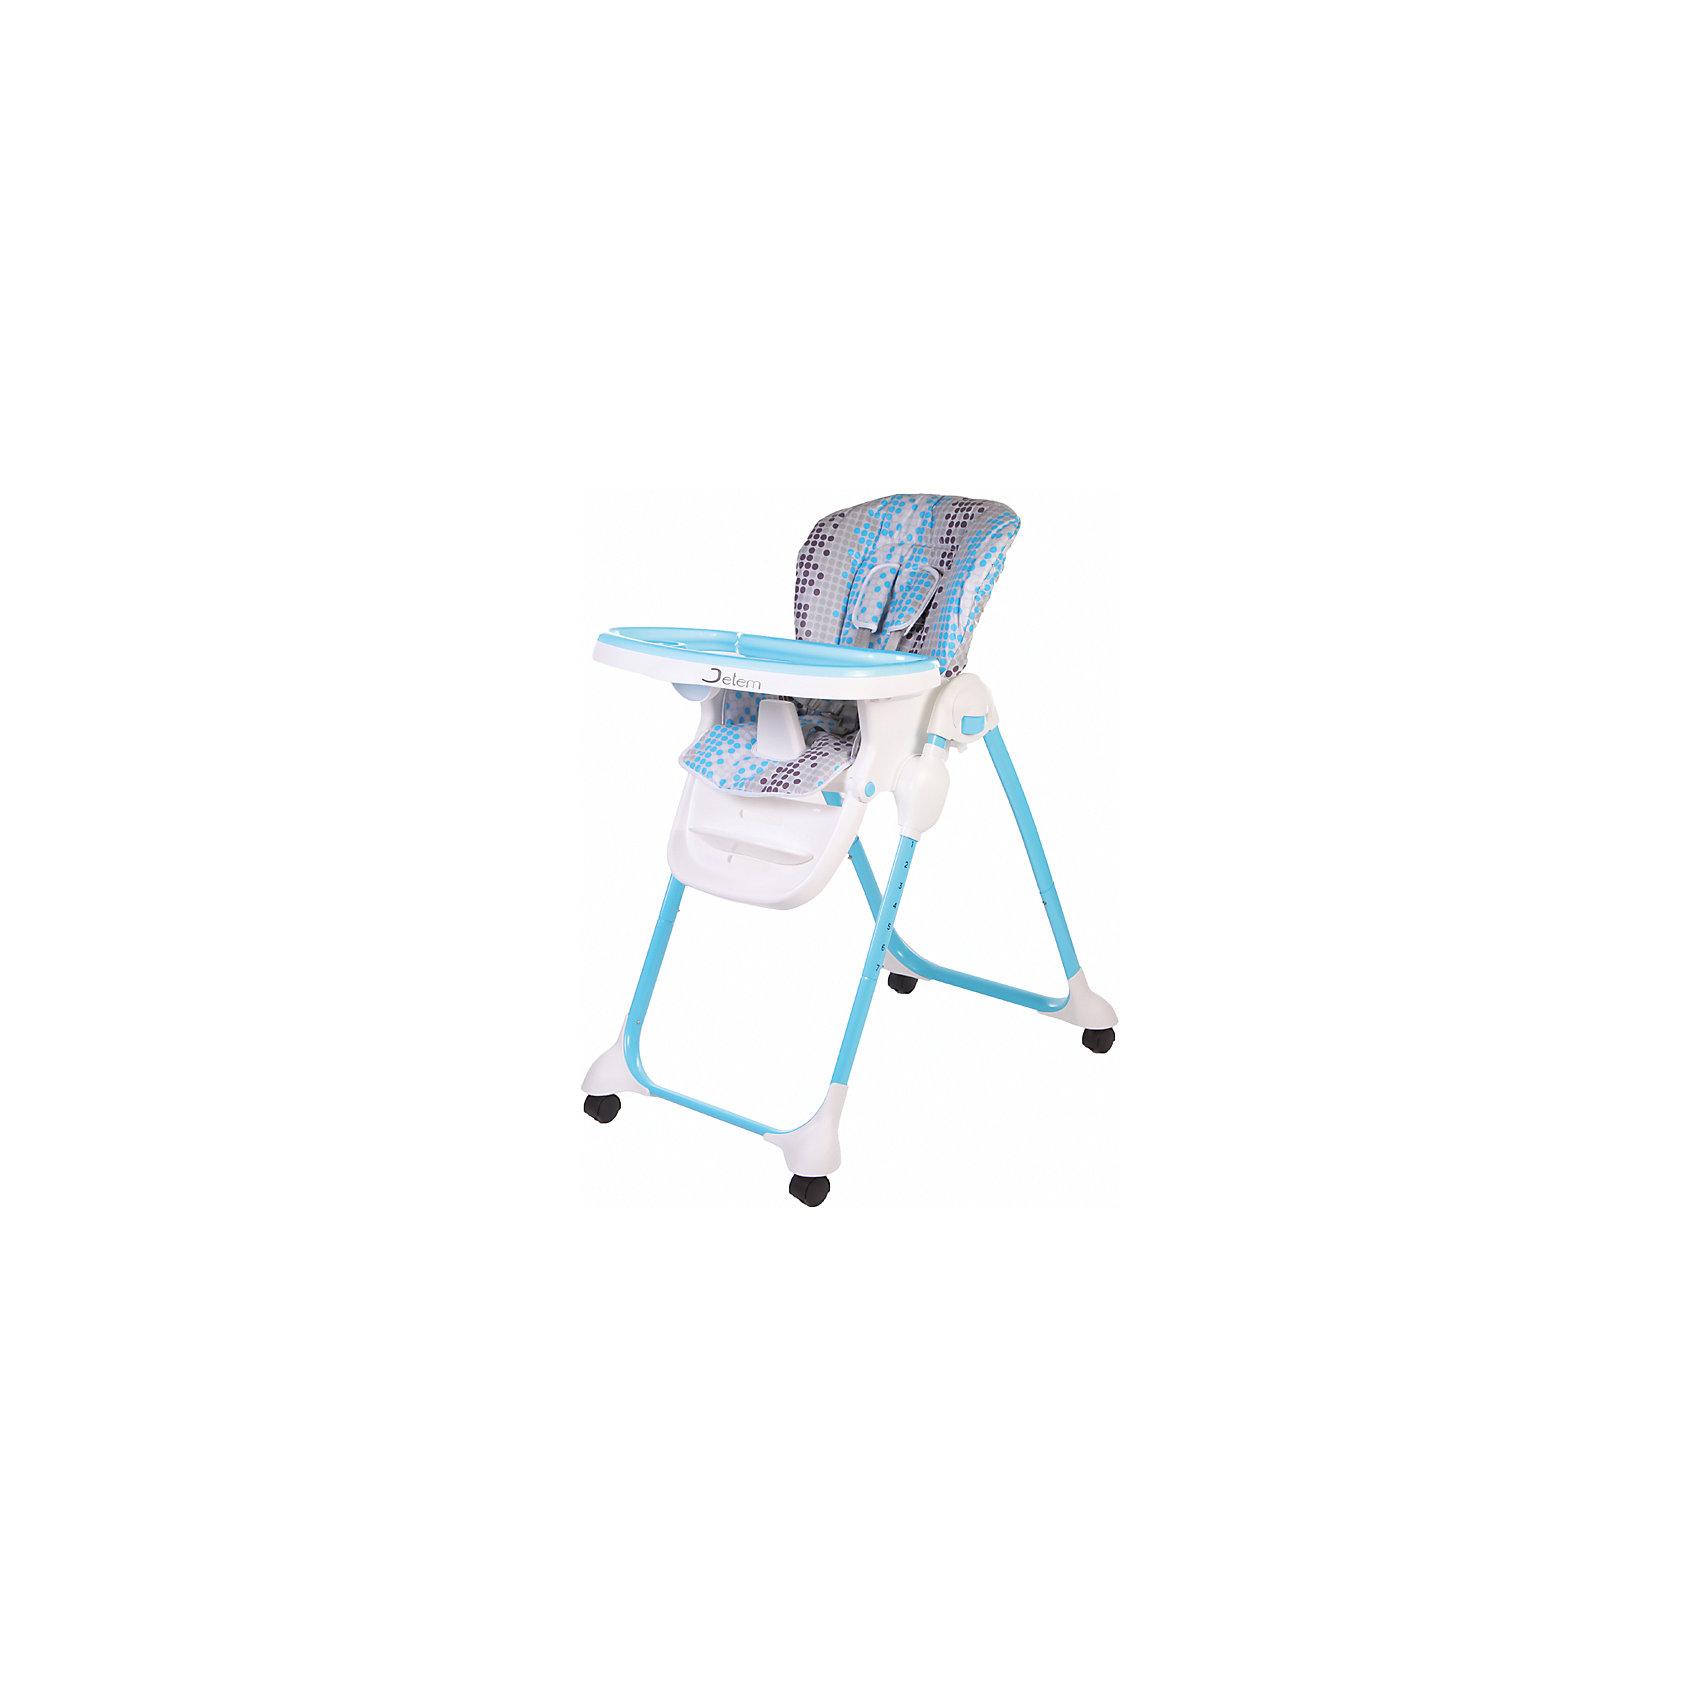 Стульчик Bon Appetit, Jetem, светло-синийJetem Bon Appetit – новый стульчик для кормления со съемной столешницей.Кресло стульчика регулируется в 7 положениях по высоте. Спинку можно разложить практически до лежачего положения.Стульчик произведен из отличного качественного пластика. Чехлы есть на выбор: тканевые или клеенчатые.<br>Стульчик Bon Appetit легко складывается и устойчив в сложенном положении.7 уровней высоты кресла·         4 положения наклона спинки·         3 положения подножки<br>·         5-ти точечные ремни безопасности и ограничитель·         3 положения глубины столешницы·         съемная дополнительная прозрачная столешница·         стульчик легко складывается и устойчив в сложенном виде·         4 колесаХарактеристики:·         Вес стульчика: 8.5 кг·         Размер стульчика в собранном состоянии: 97х60х120 см<br>·         Размер стульчика в сложенном состоянии: 43х60х105 см·         Ширина сиденья: 33 см·  Рекомендовано для детей от 6 месяцев до 6 лет<br><br>Ширина мм: 600<br>Глубина мм: 570<br>Высота мм: 290<br>Вес г: 10000<br>Возраст от месяцев: 6<br>Возраст до месяцев: 36<br>Пол: Унисекс<br>Возраст: Детский<br>SKU: 5493363